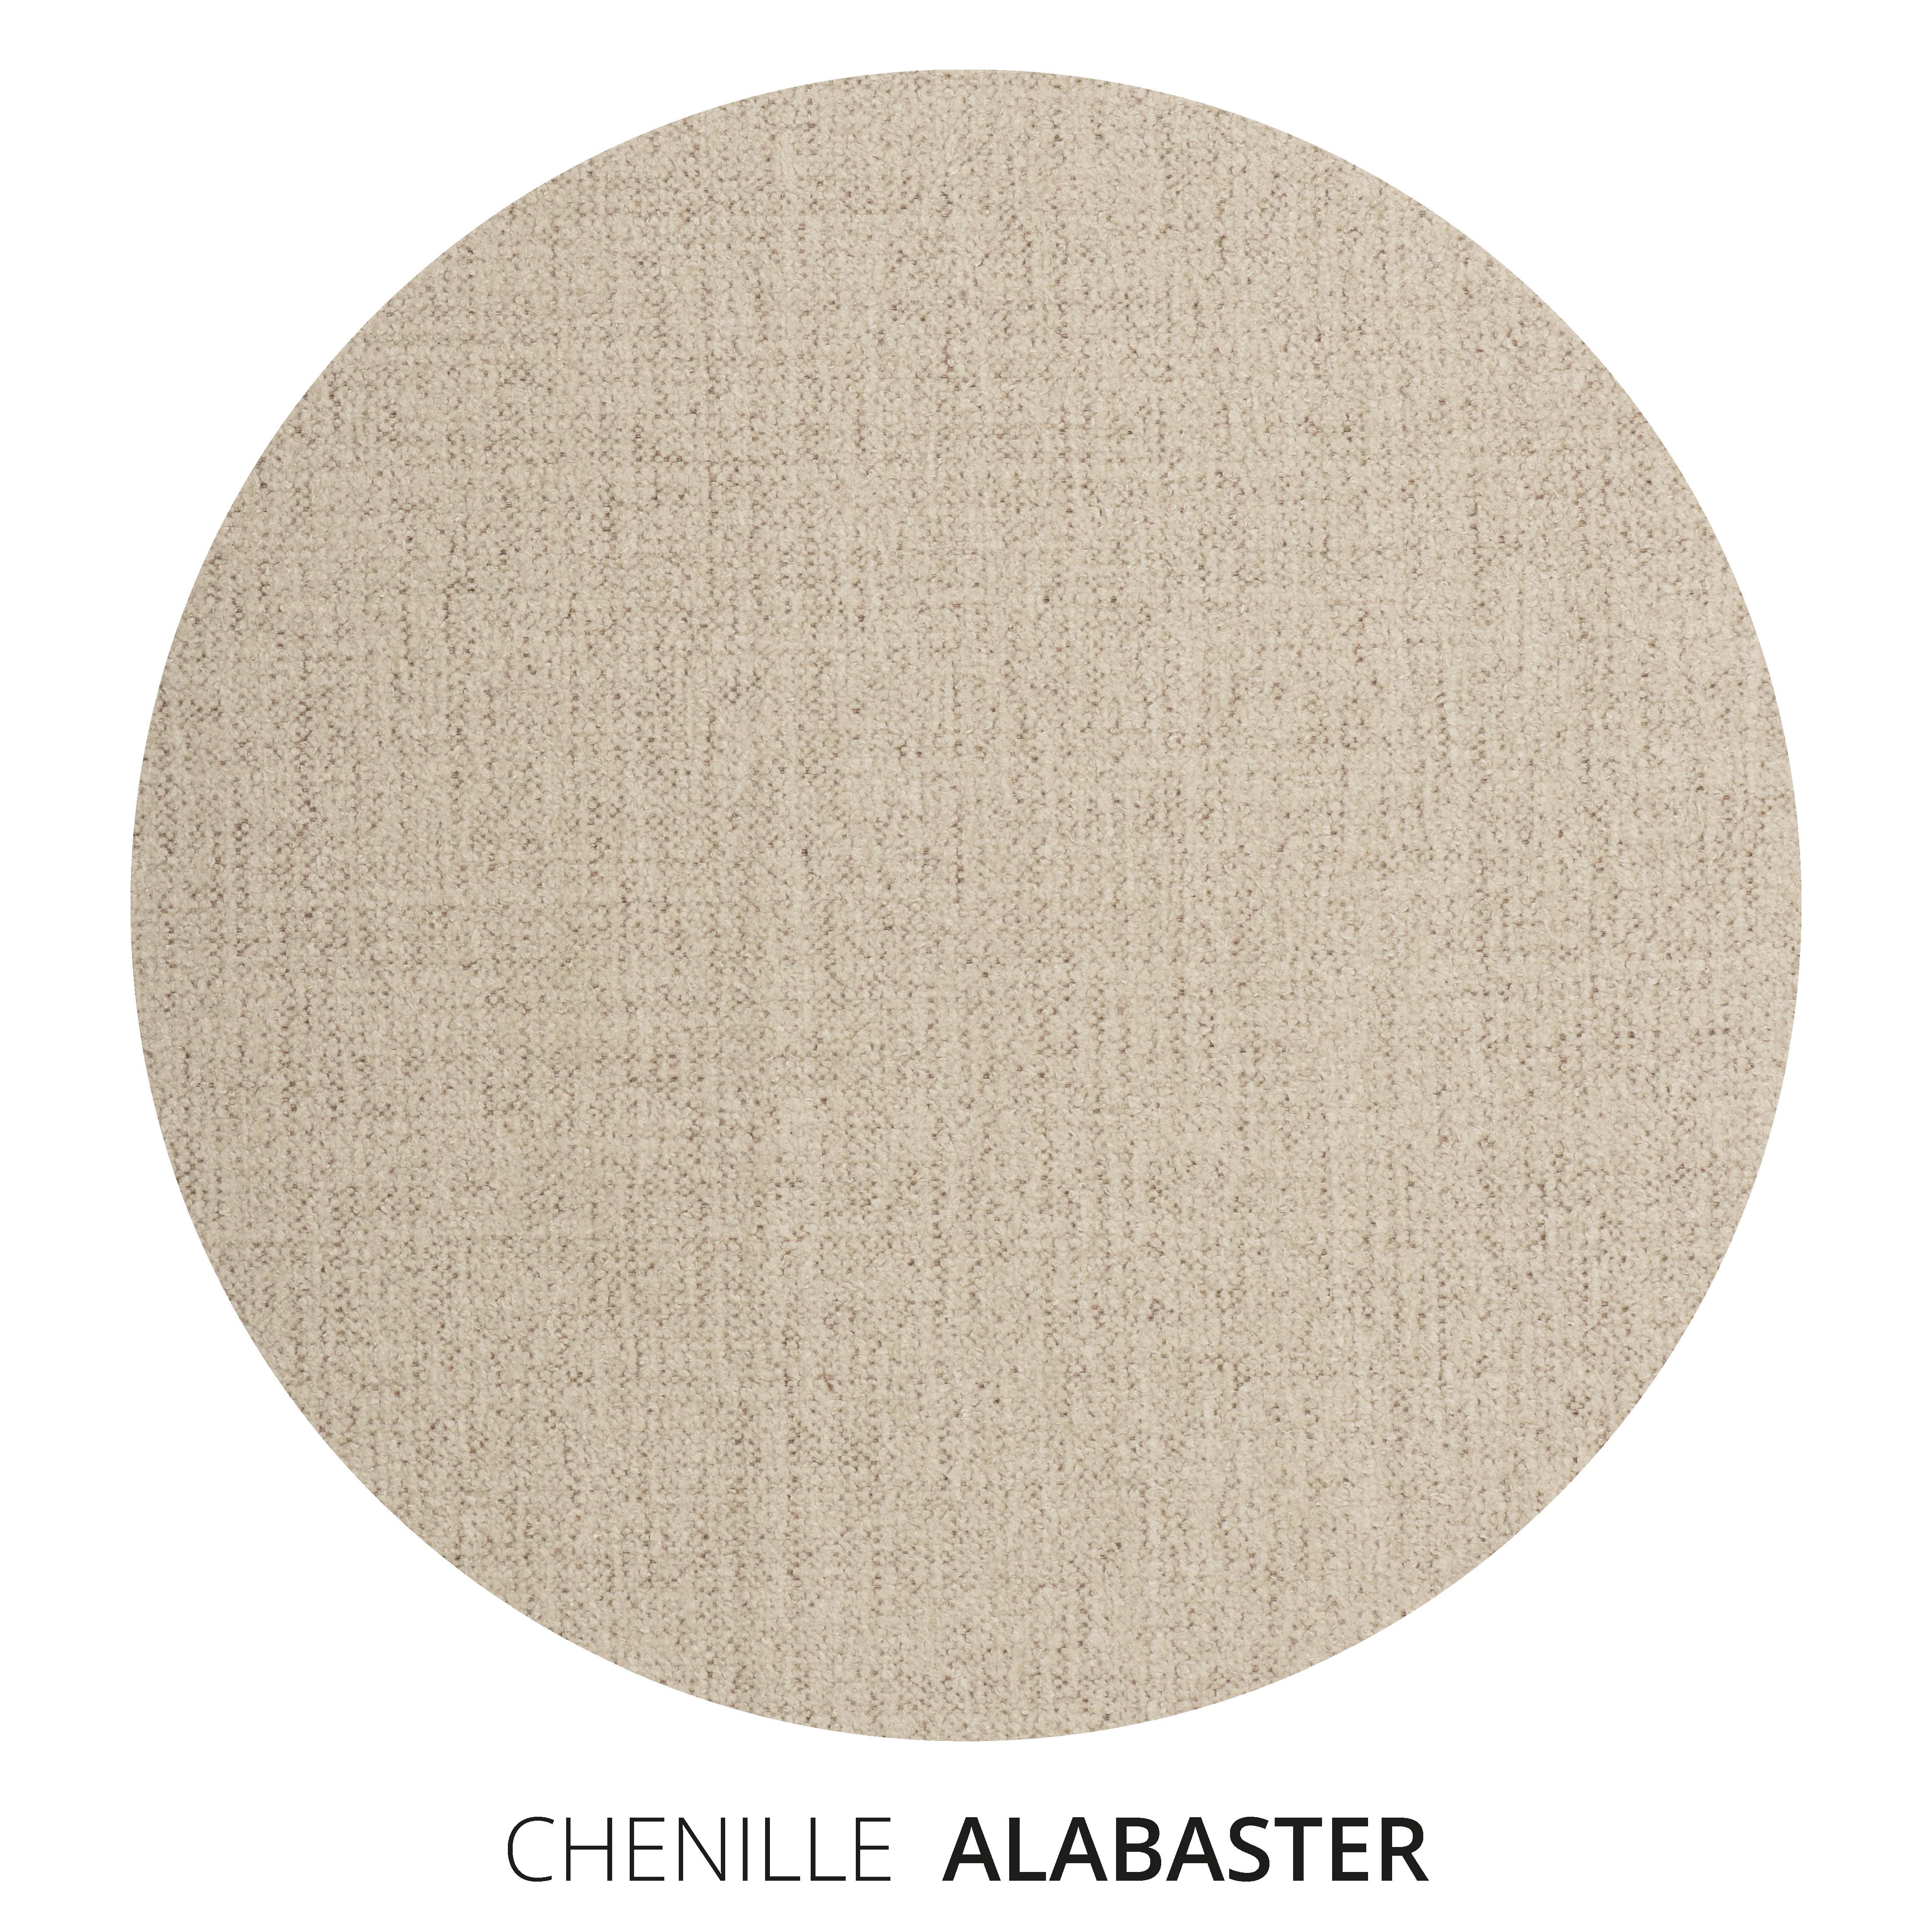 Alabaster Chenille Swatch